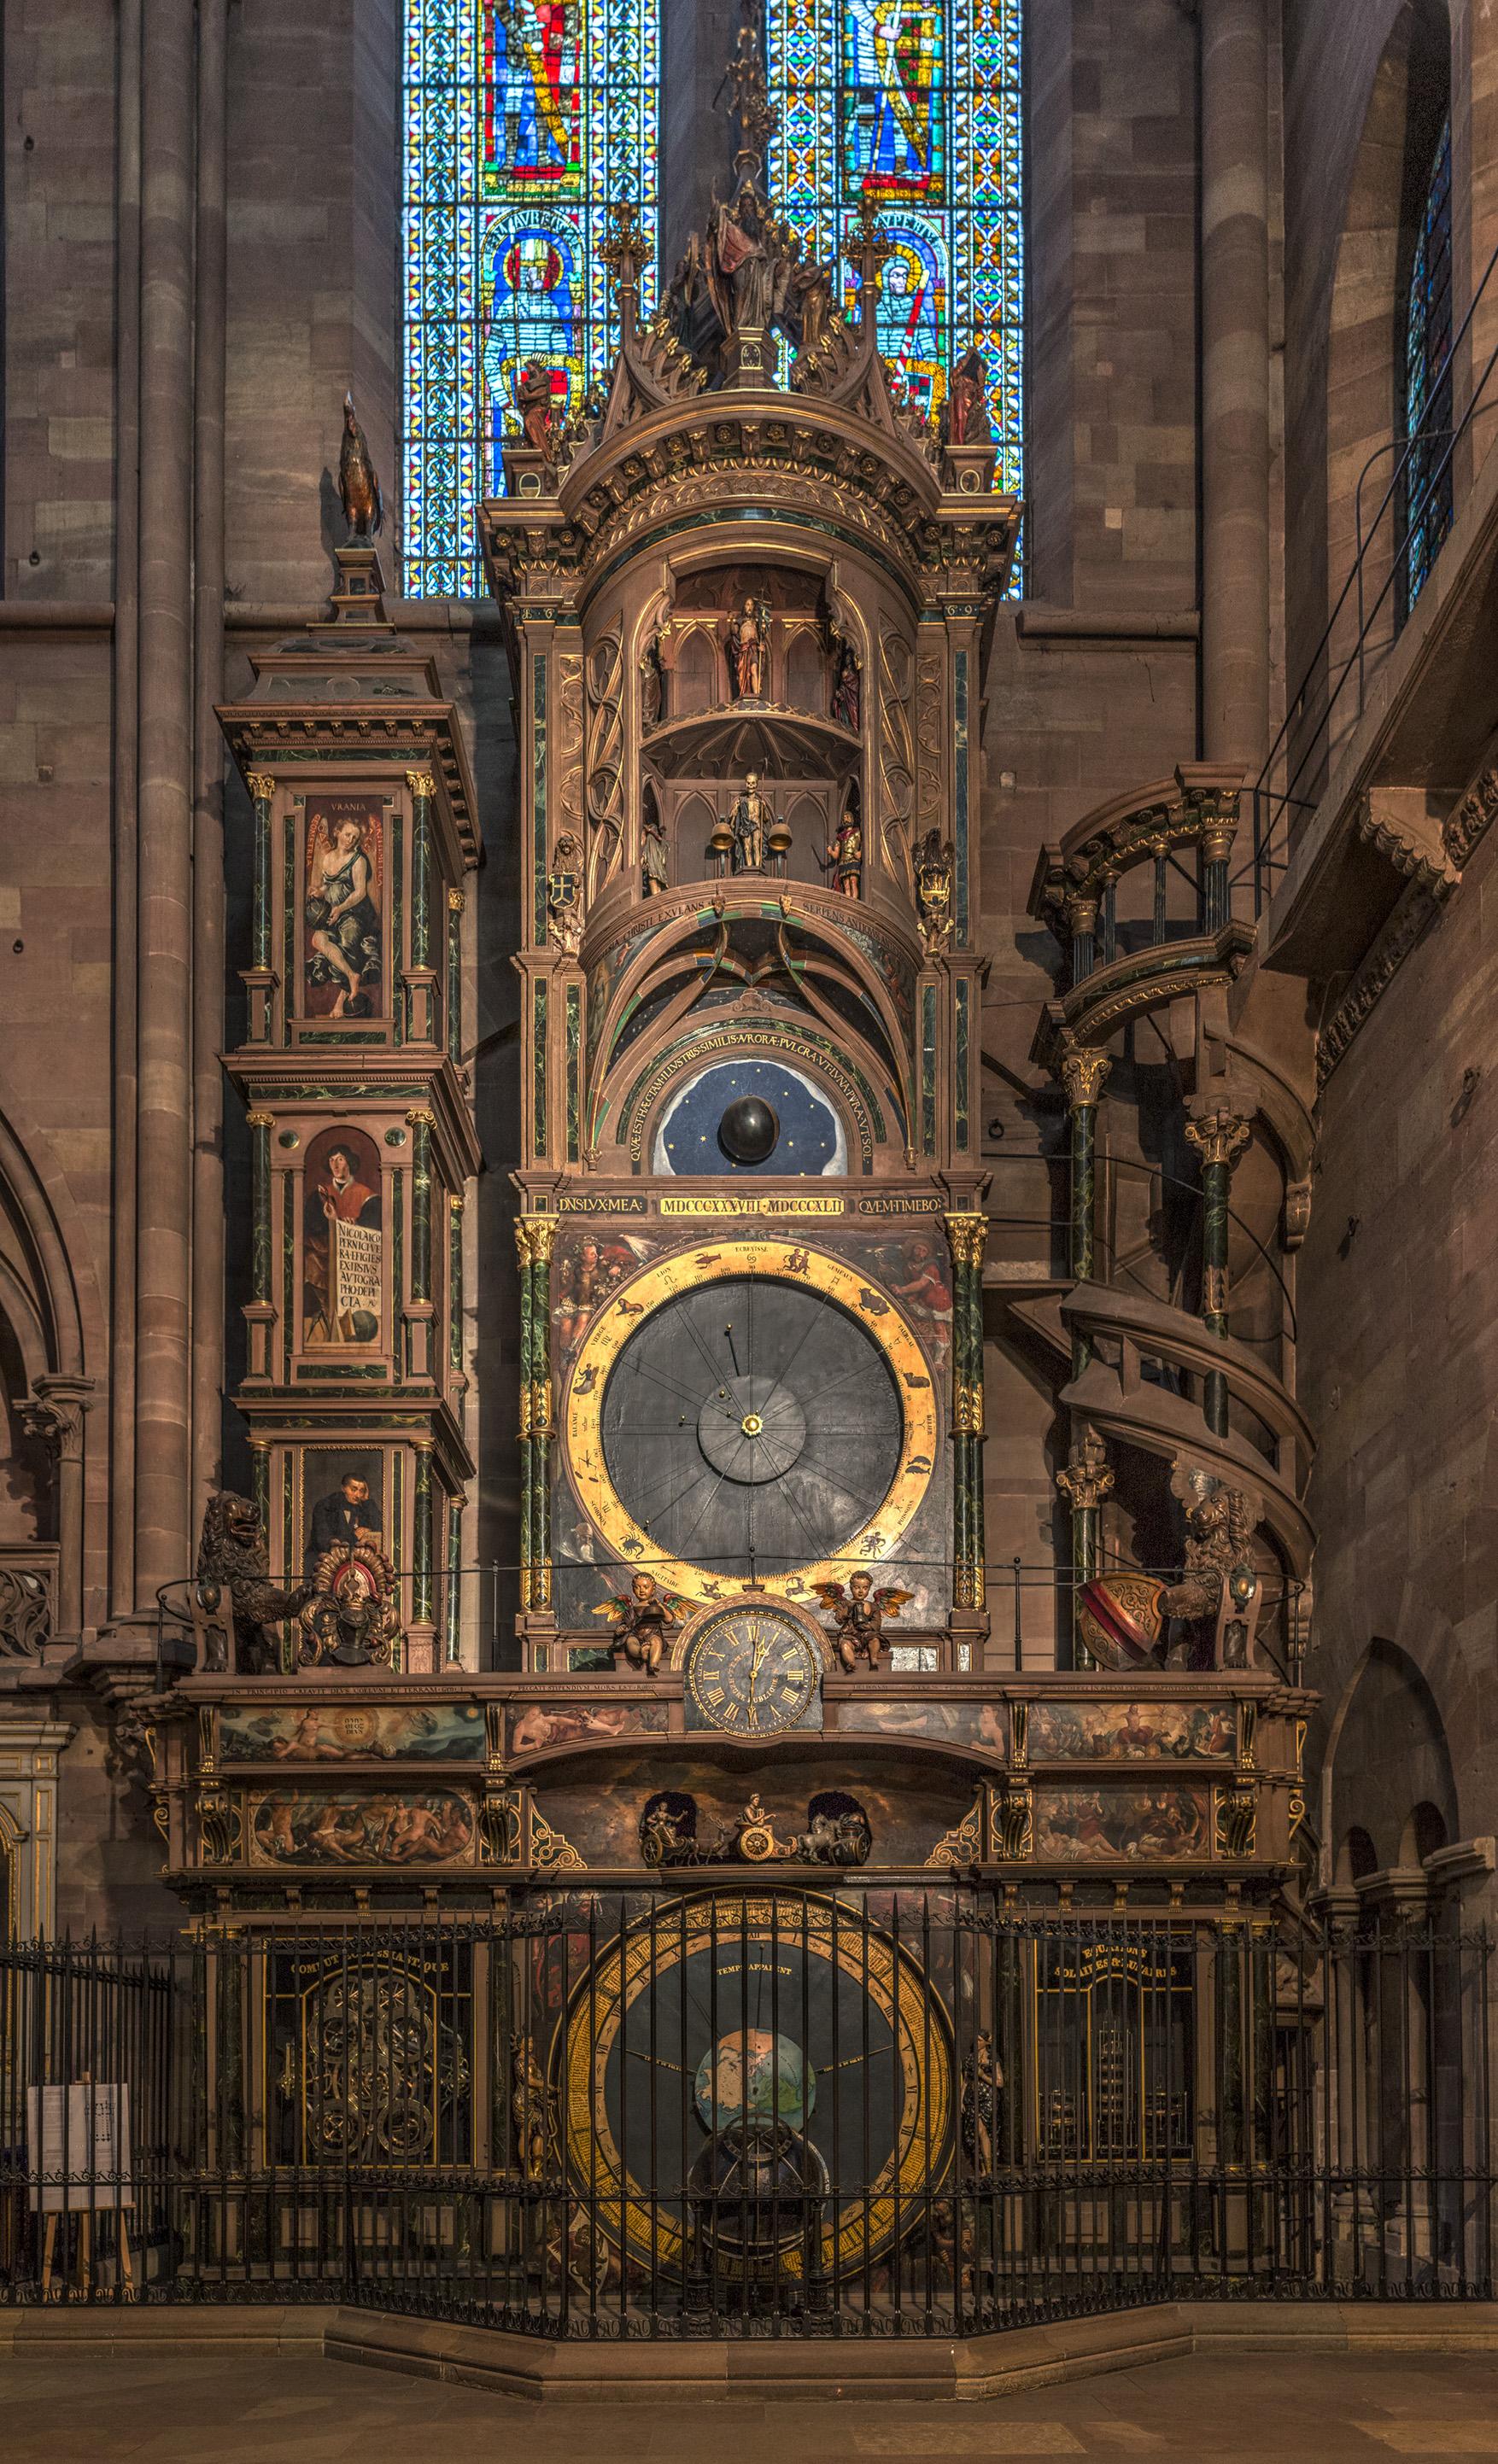 Reloj astronómico de Estrasburgo - Wikipedia, la enciclopedia libre